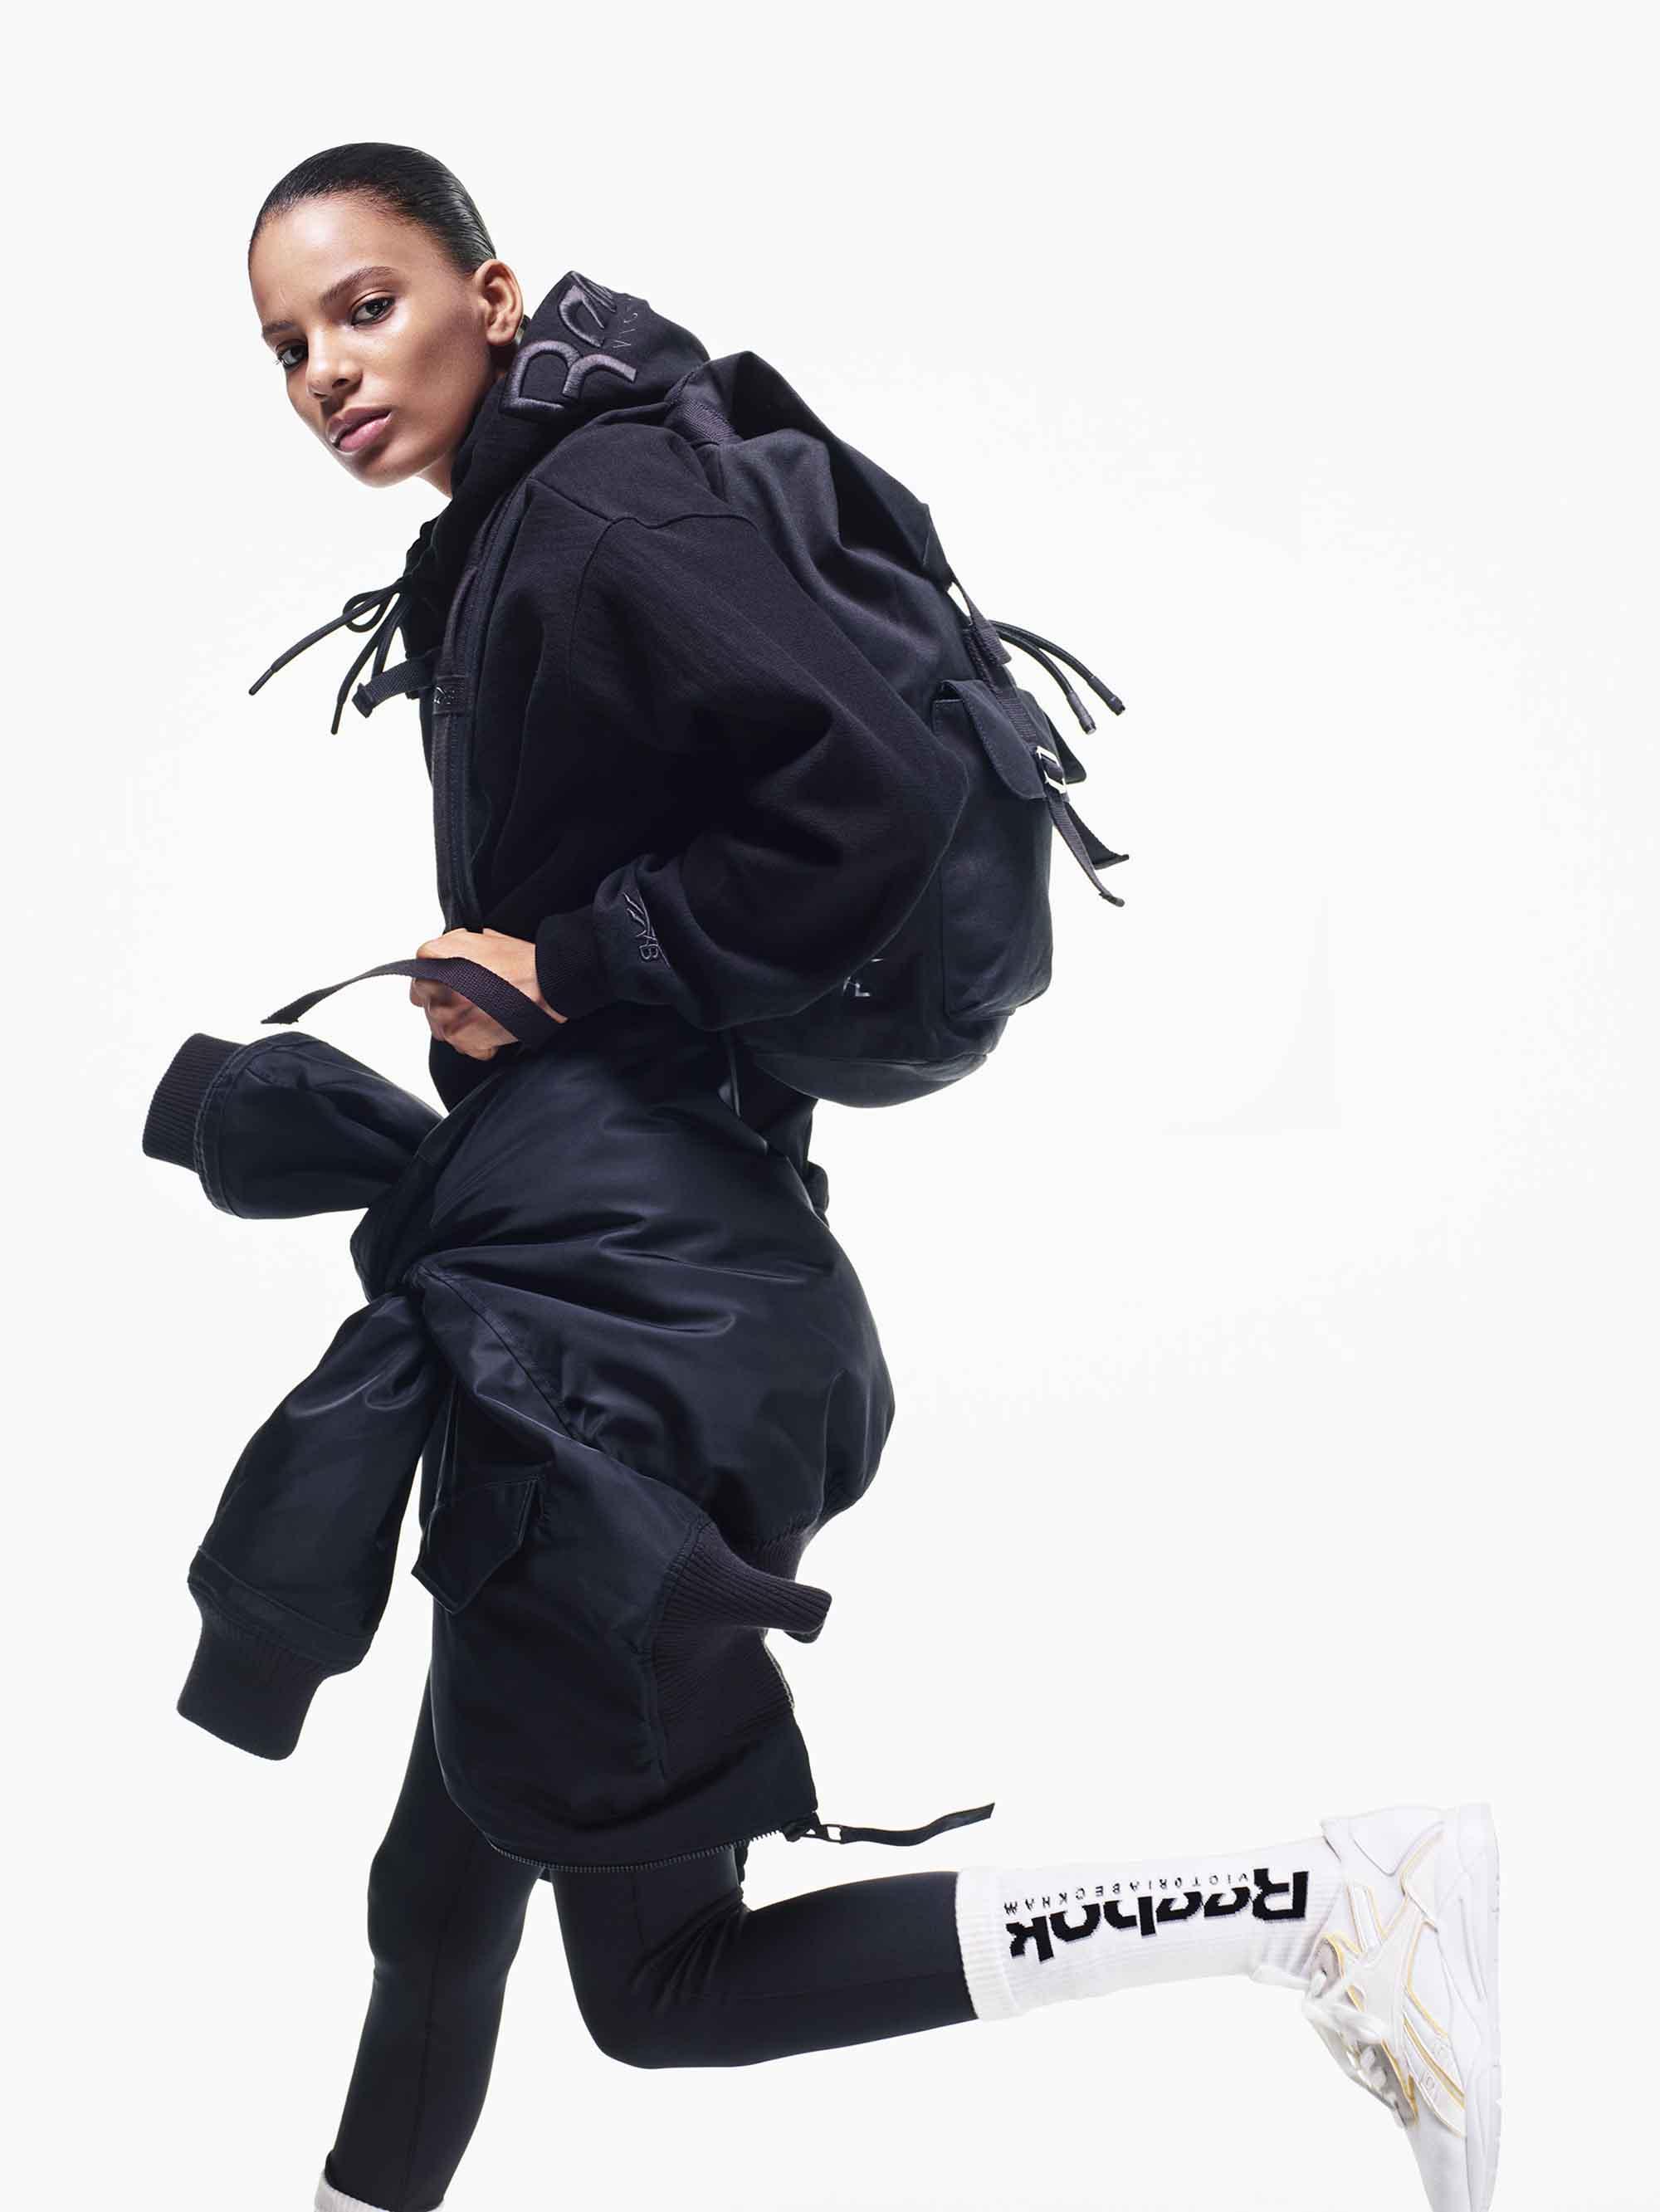 ויקטוריה בקהאם ו REEBOK - מגזין אופנה - Fashion Israel - כתבות מגזין אופנה